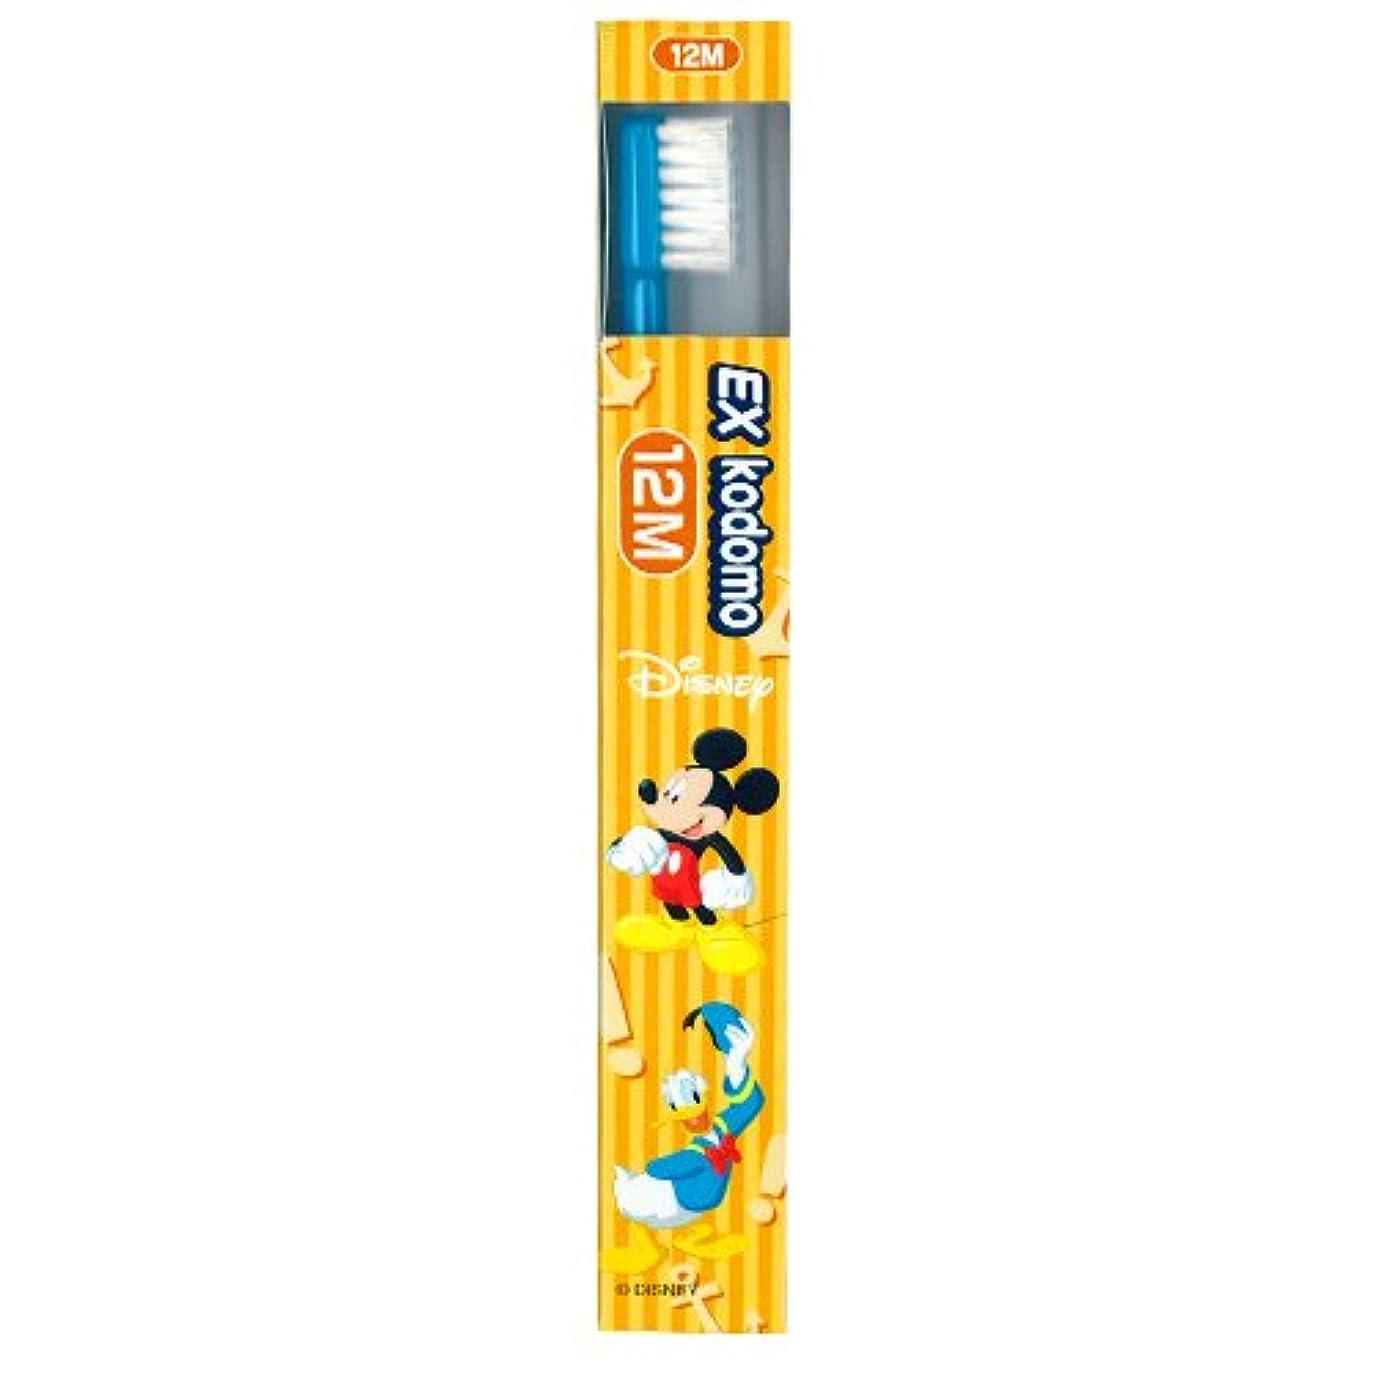 キャンパス不毛の幻想的ライオン EX kodomo ディズニー 歯ブラシ 1本 12M ブルー